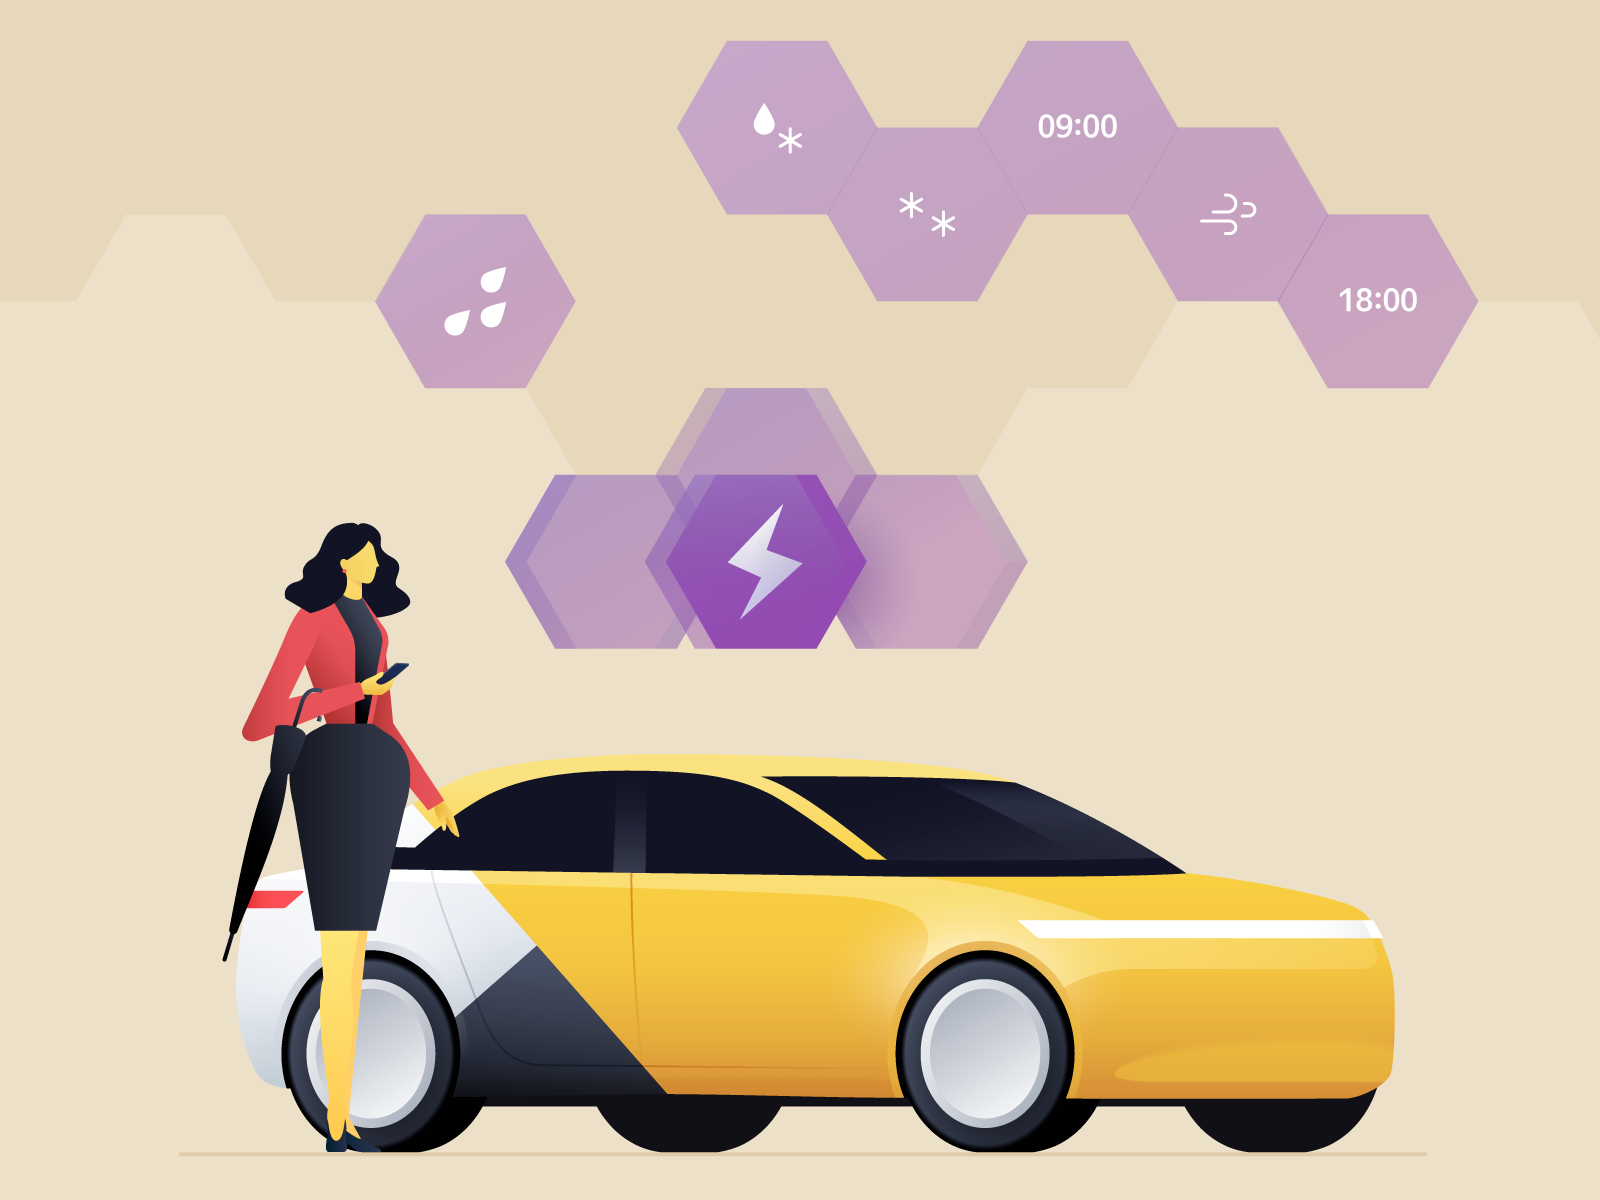 Динамическое ценообразование, или Как Яндекс.Такси прогнозирует высокий спрос - 1